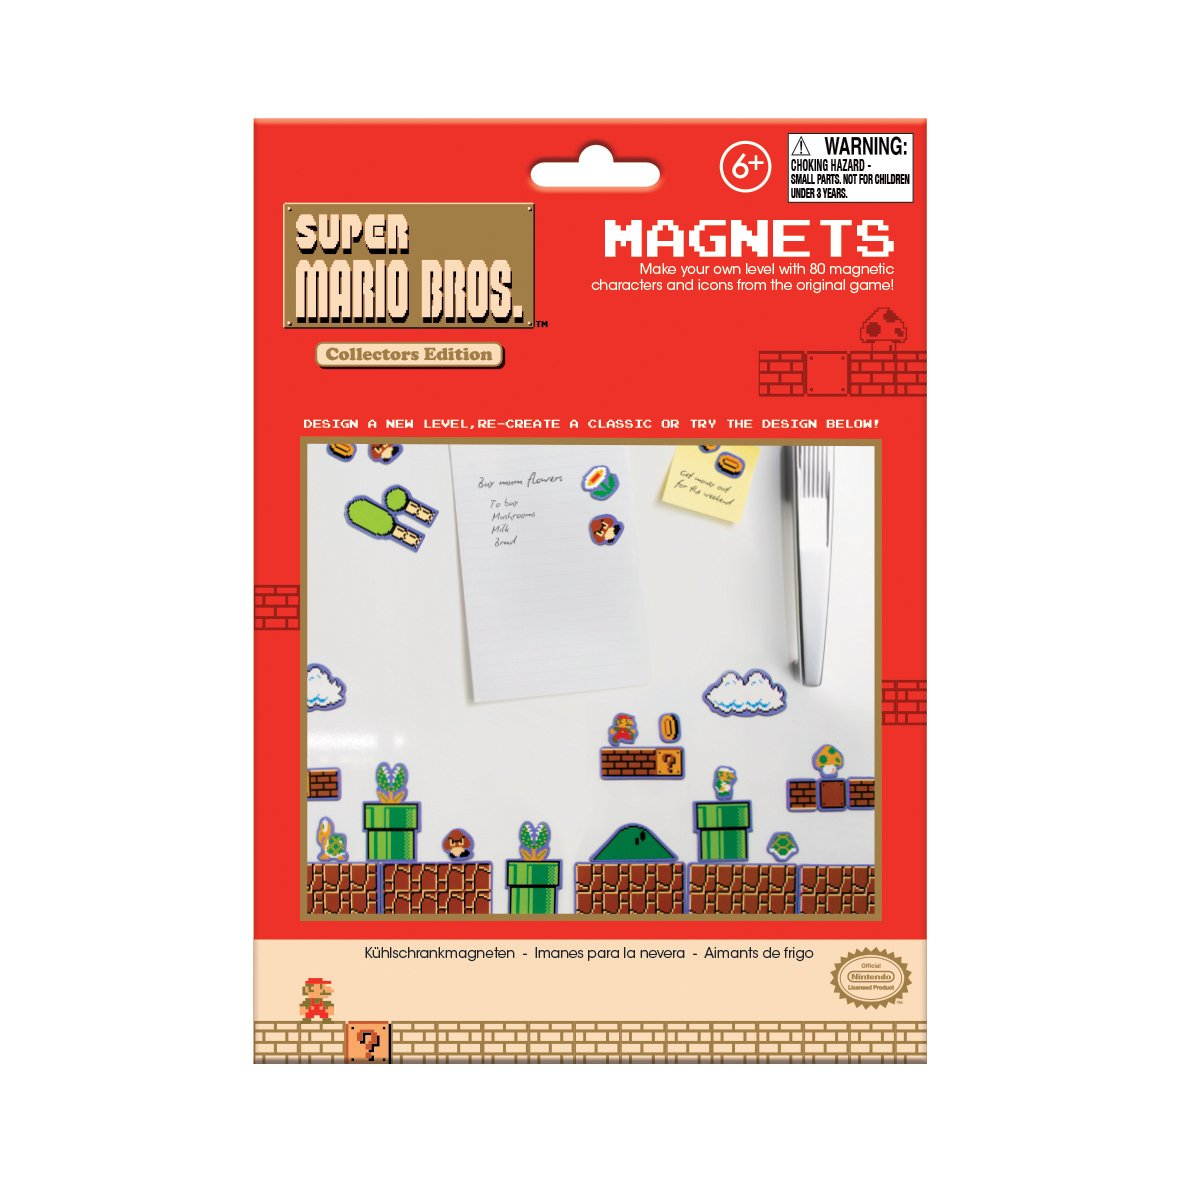 amazon com paladone nintendo super mario bros collectors edition amazon com paladone nintendo super mario bros collectors edition magnets 80 magnets toys games